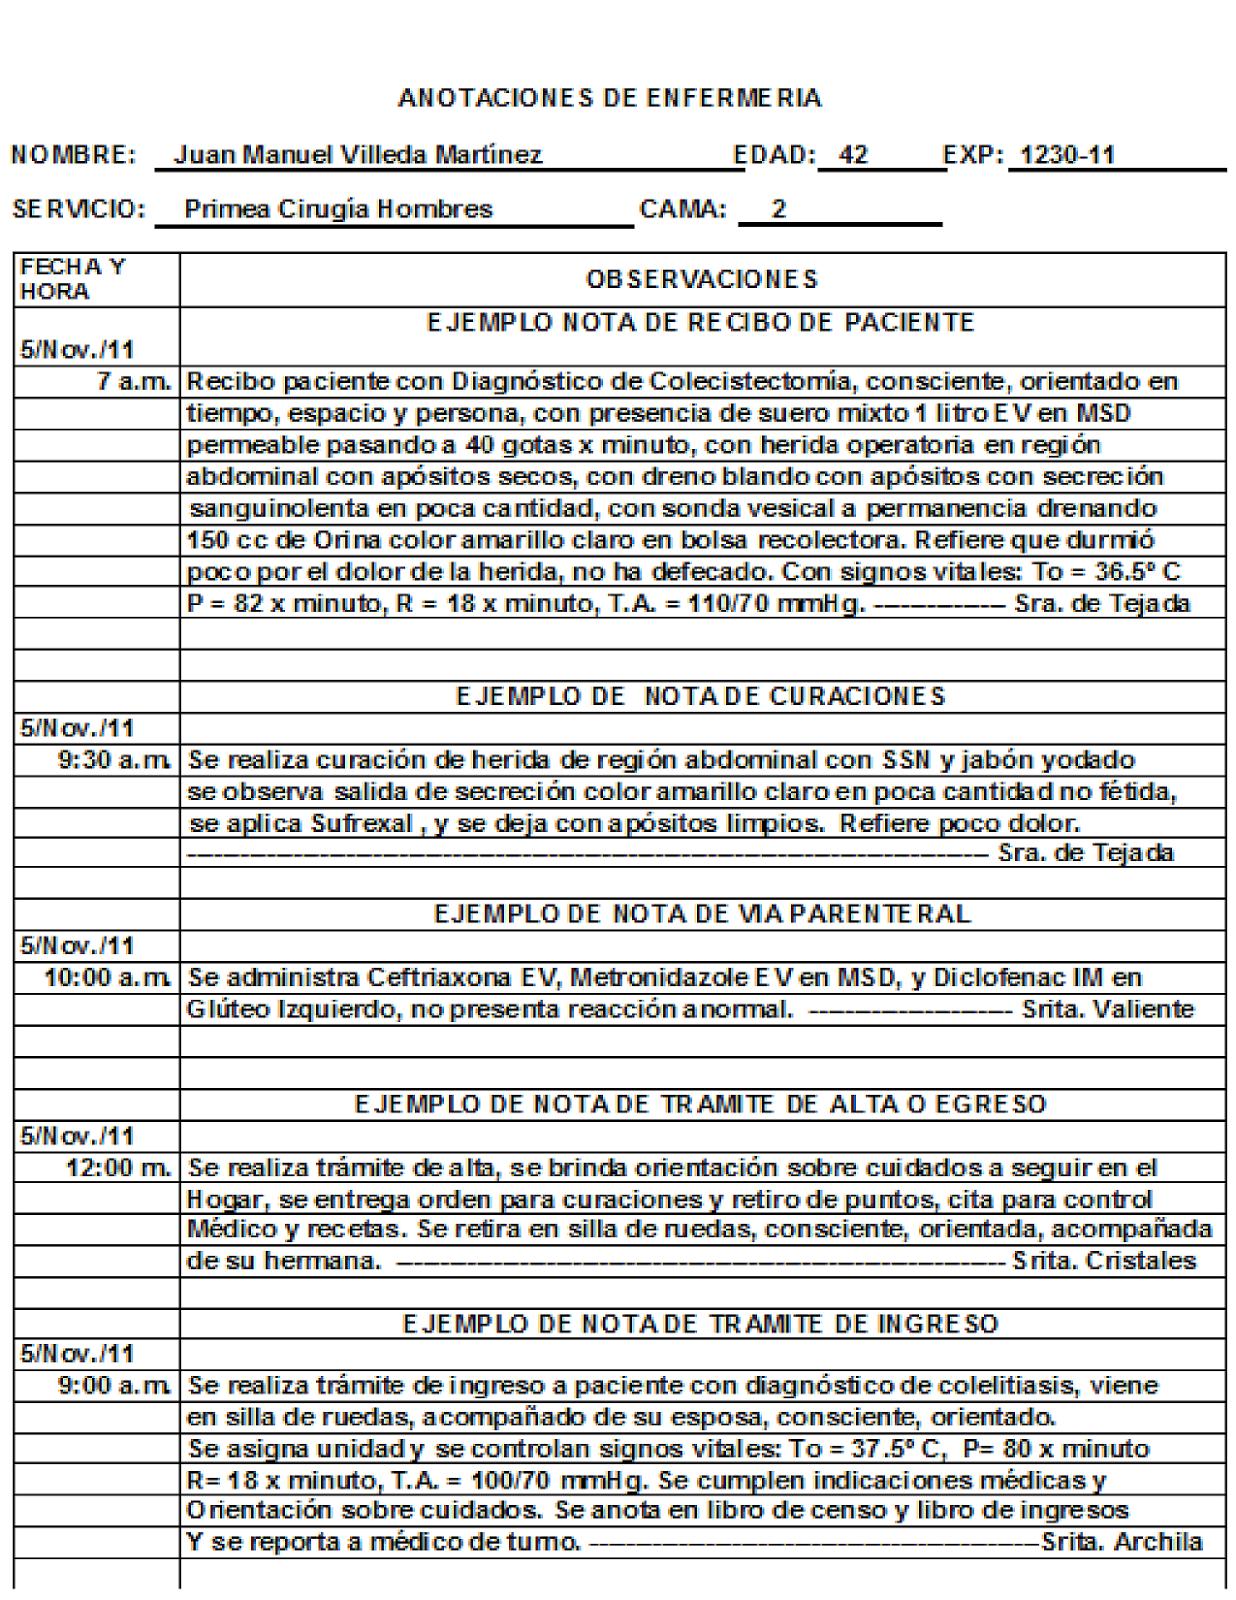 CLASES FUNDAMENTOS DE ENFERMERIA: Notas de Enfermería